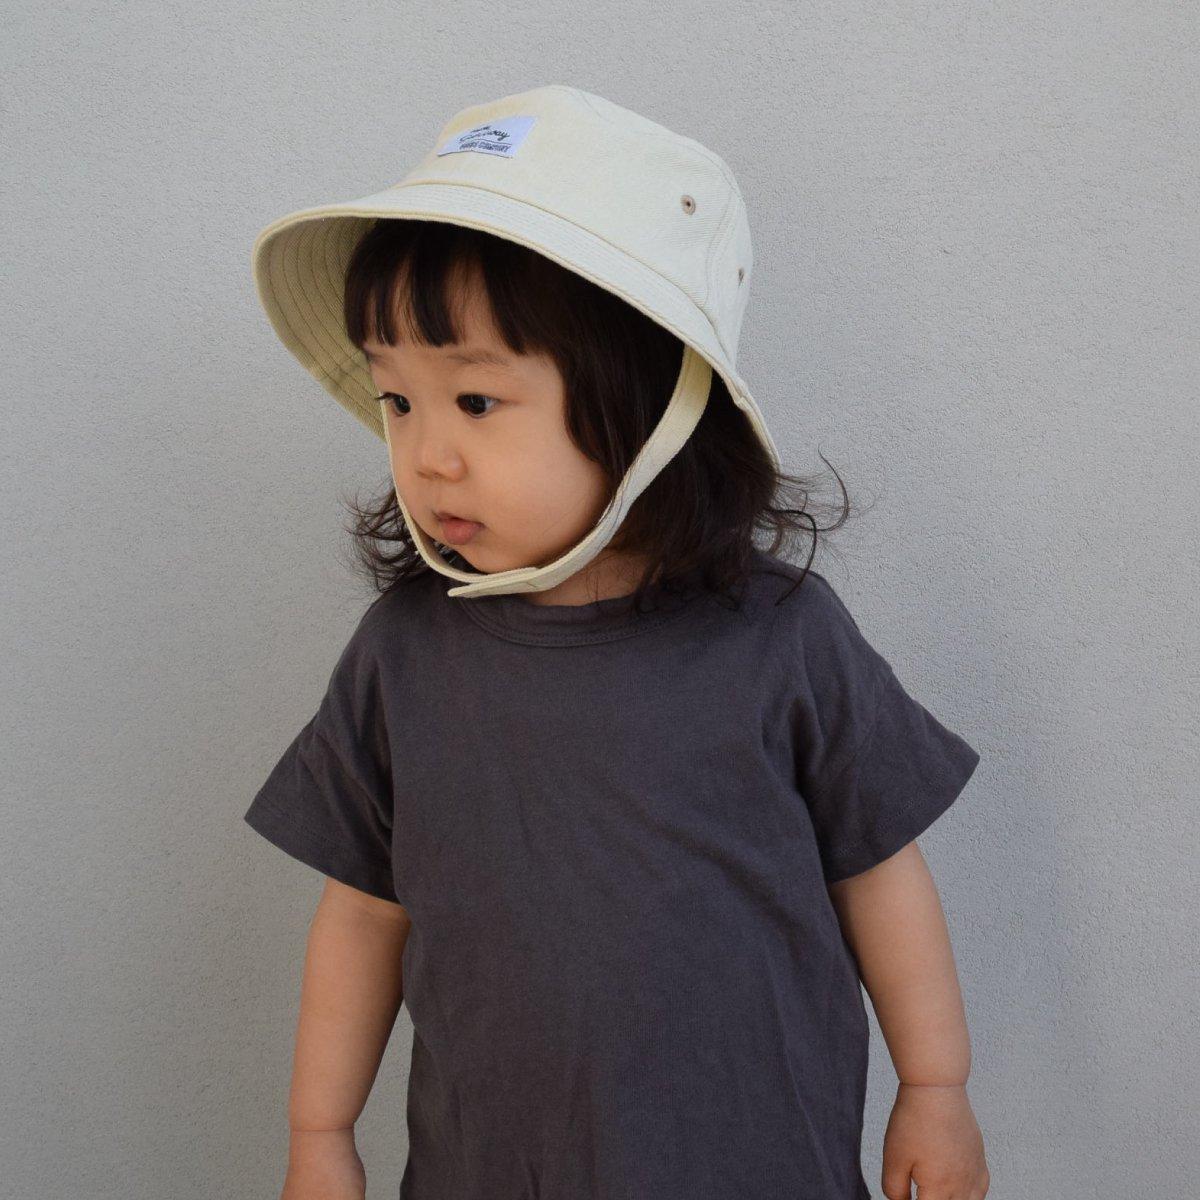 【BABY】Denim Wash Hat 詳細画像19